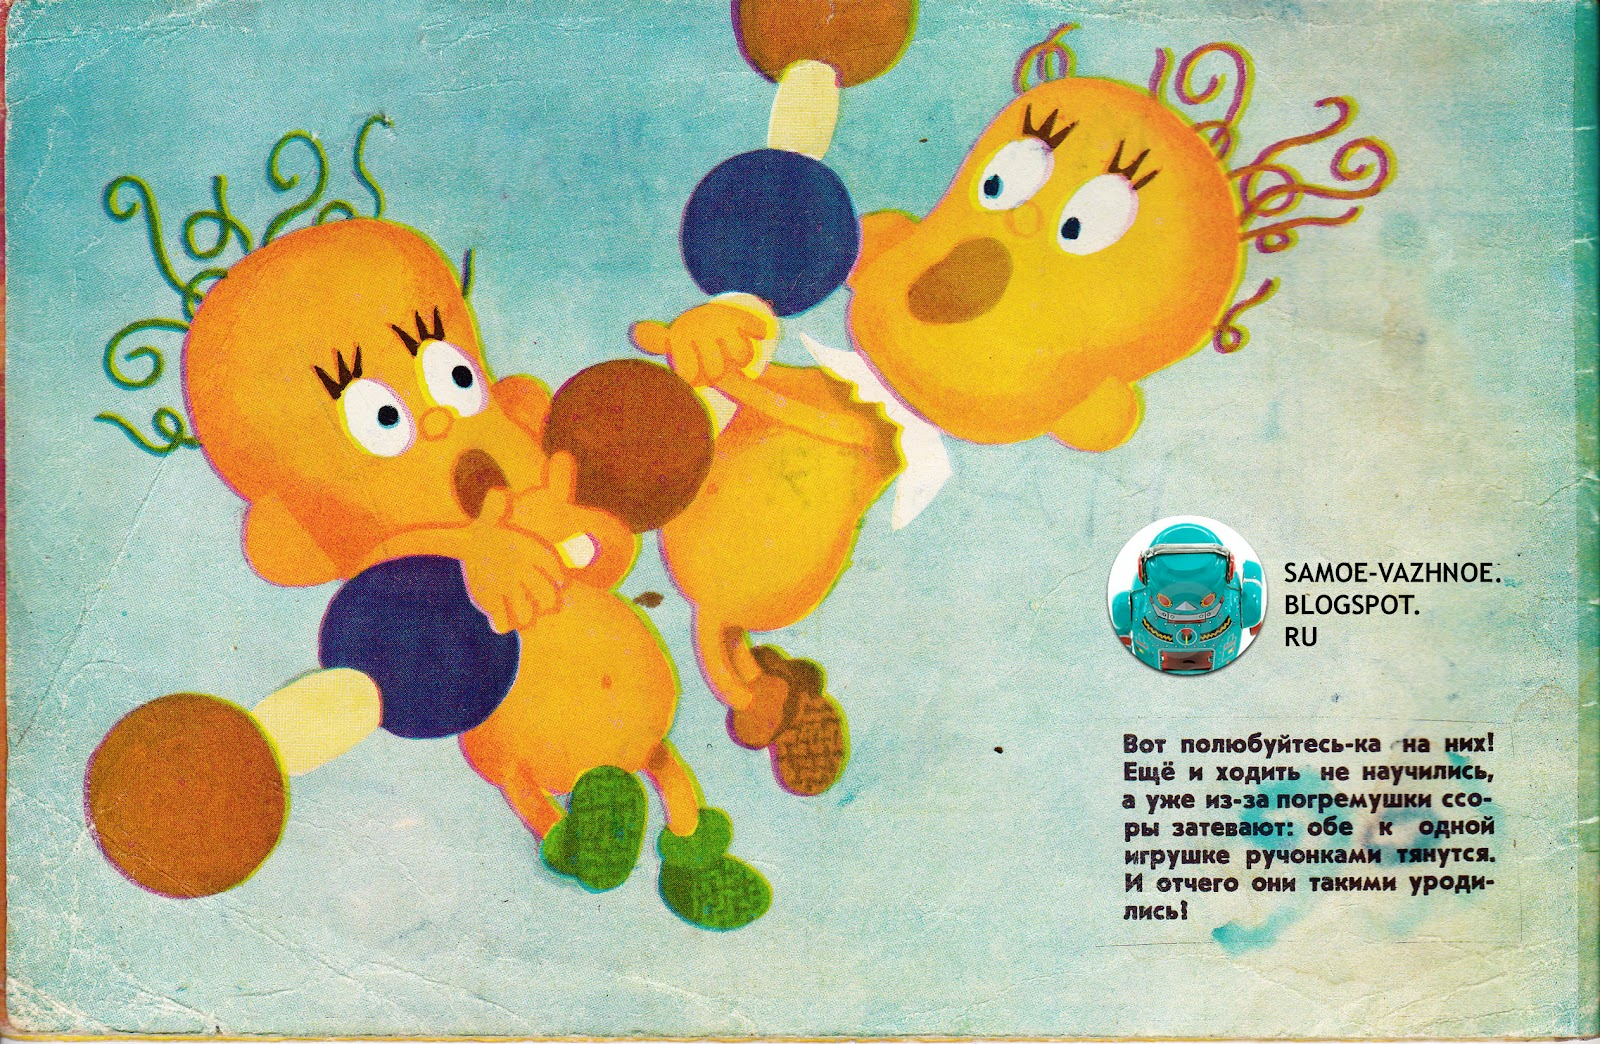 Детская книга СССР двойняшки близнецы ссорятся ругаются дерутся